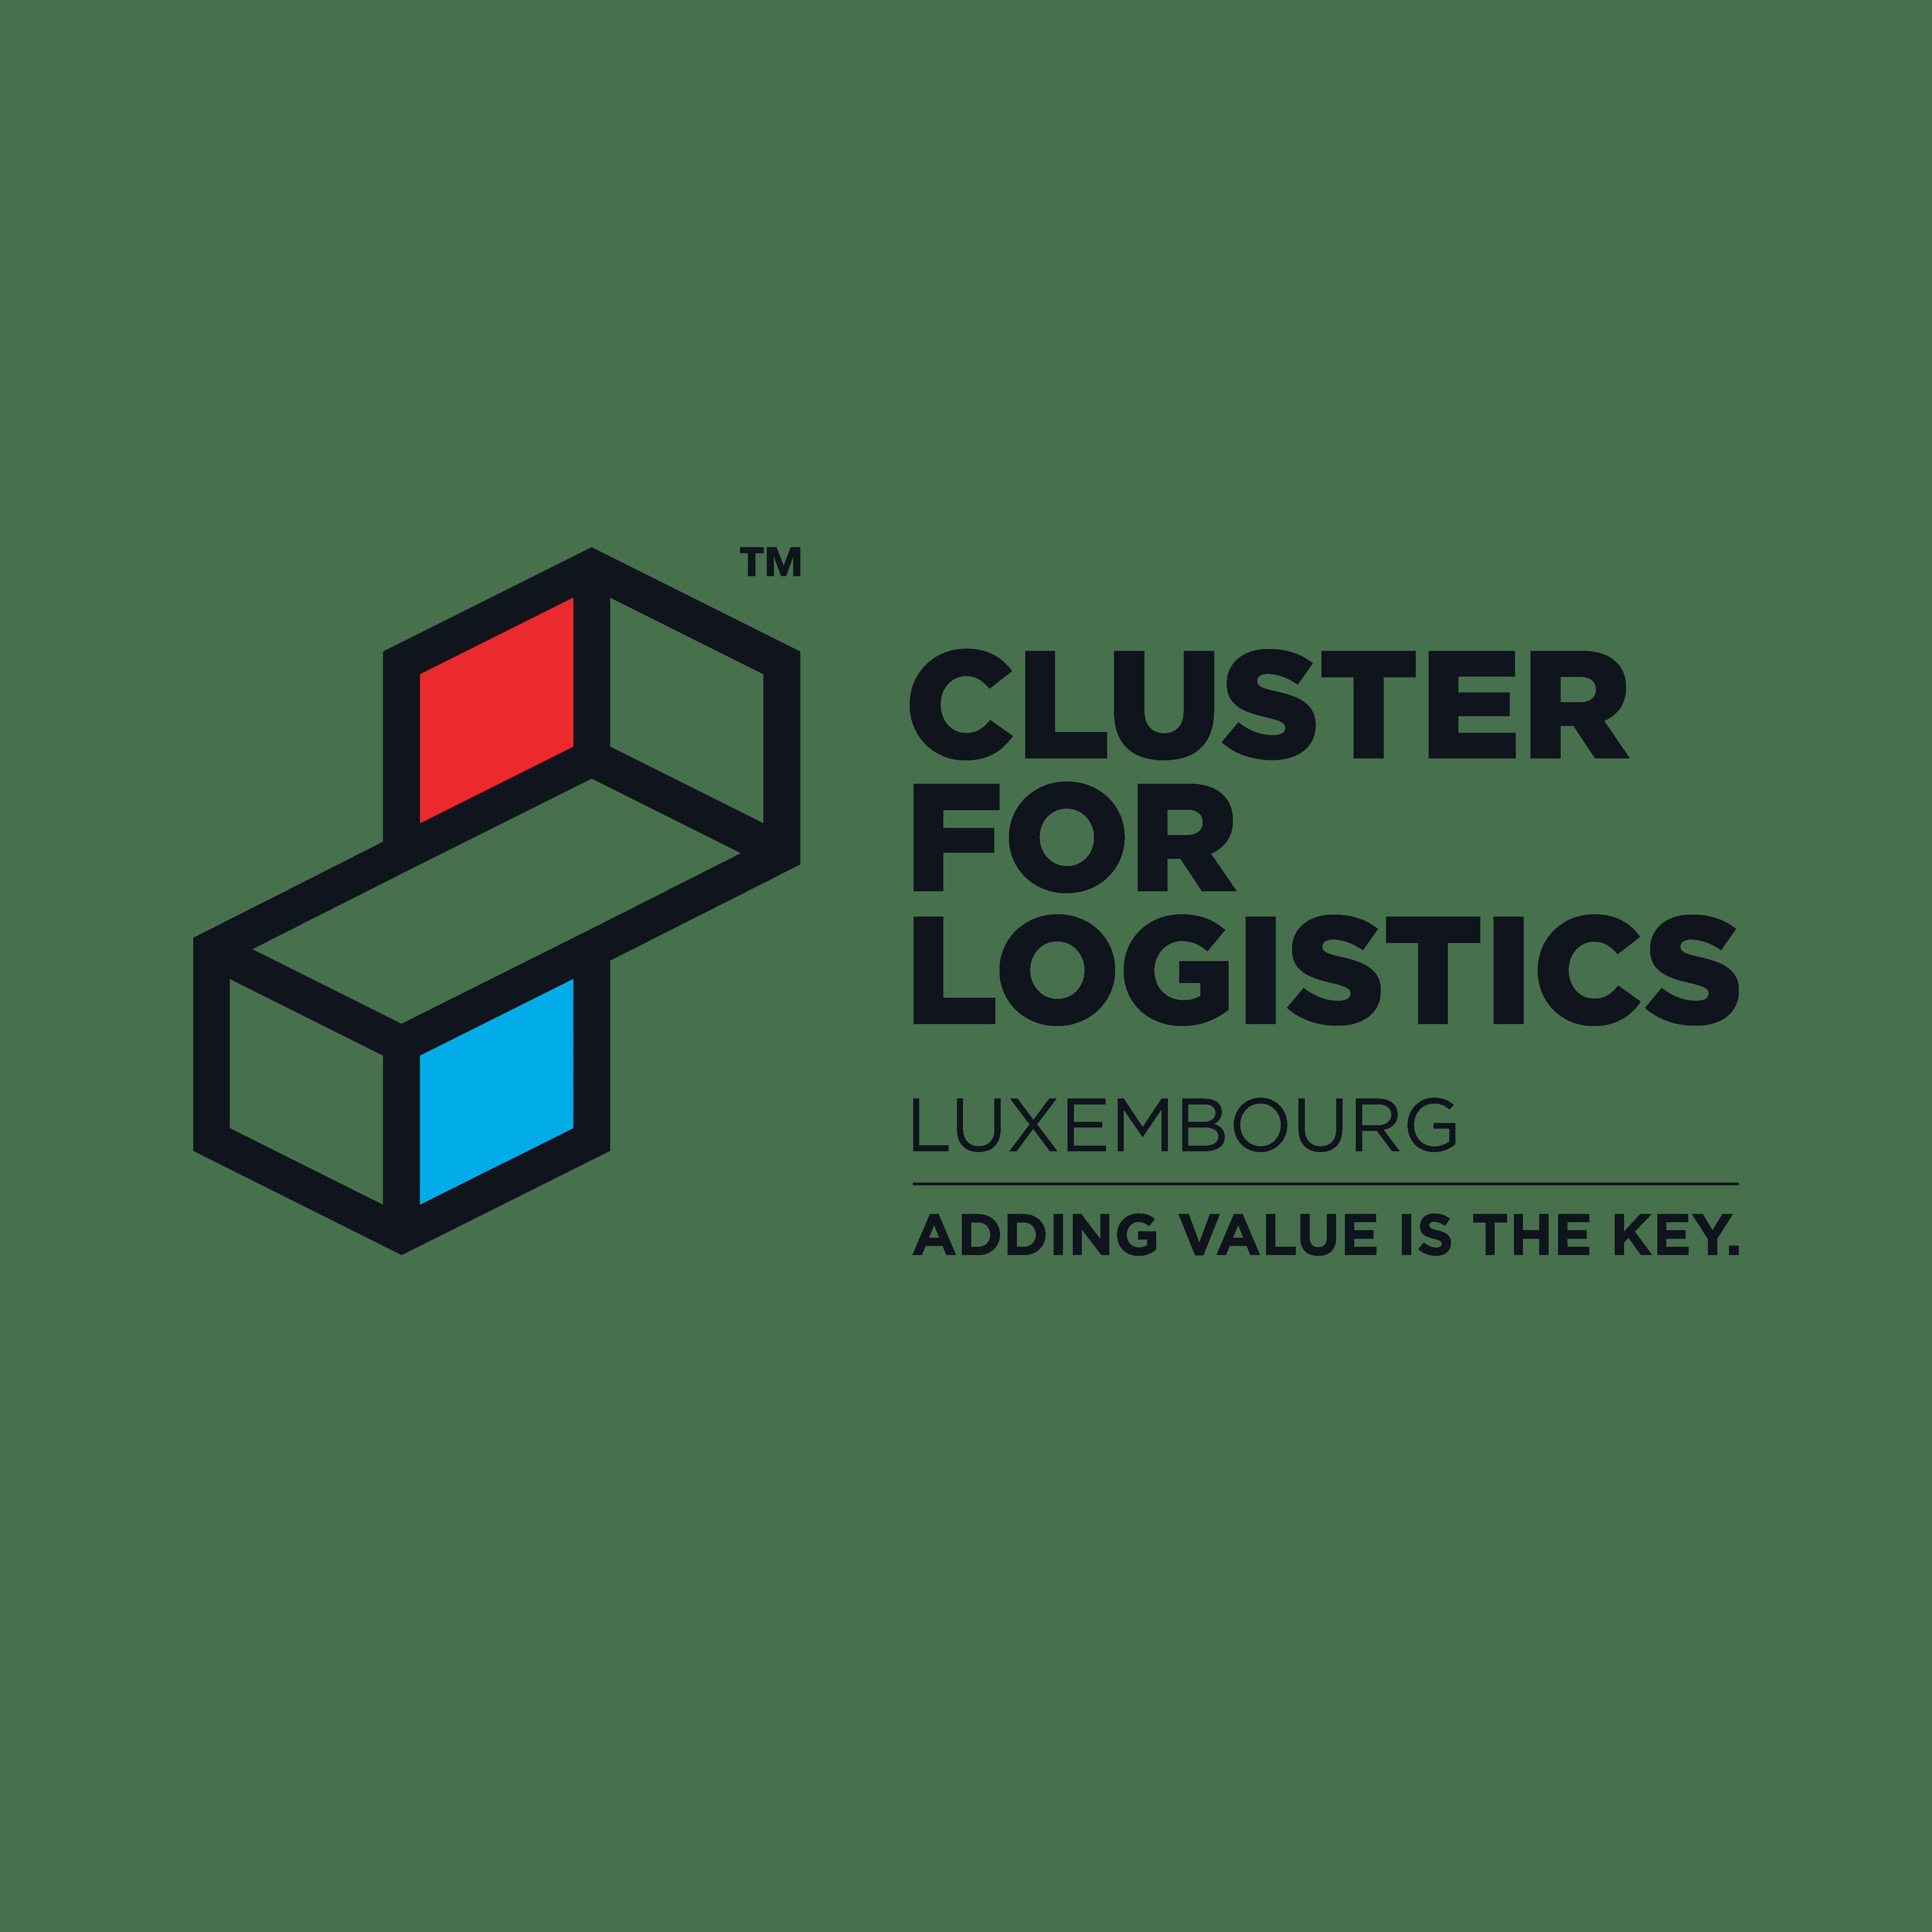 ルクセンブルクのロジスティクス協会とGROUNDが提唱・推進する「Intelligent Logistics®※ Center」構想について情報交換